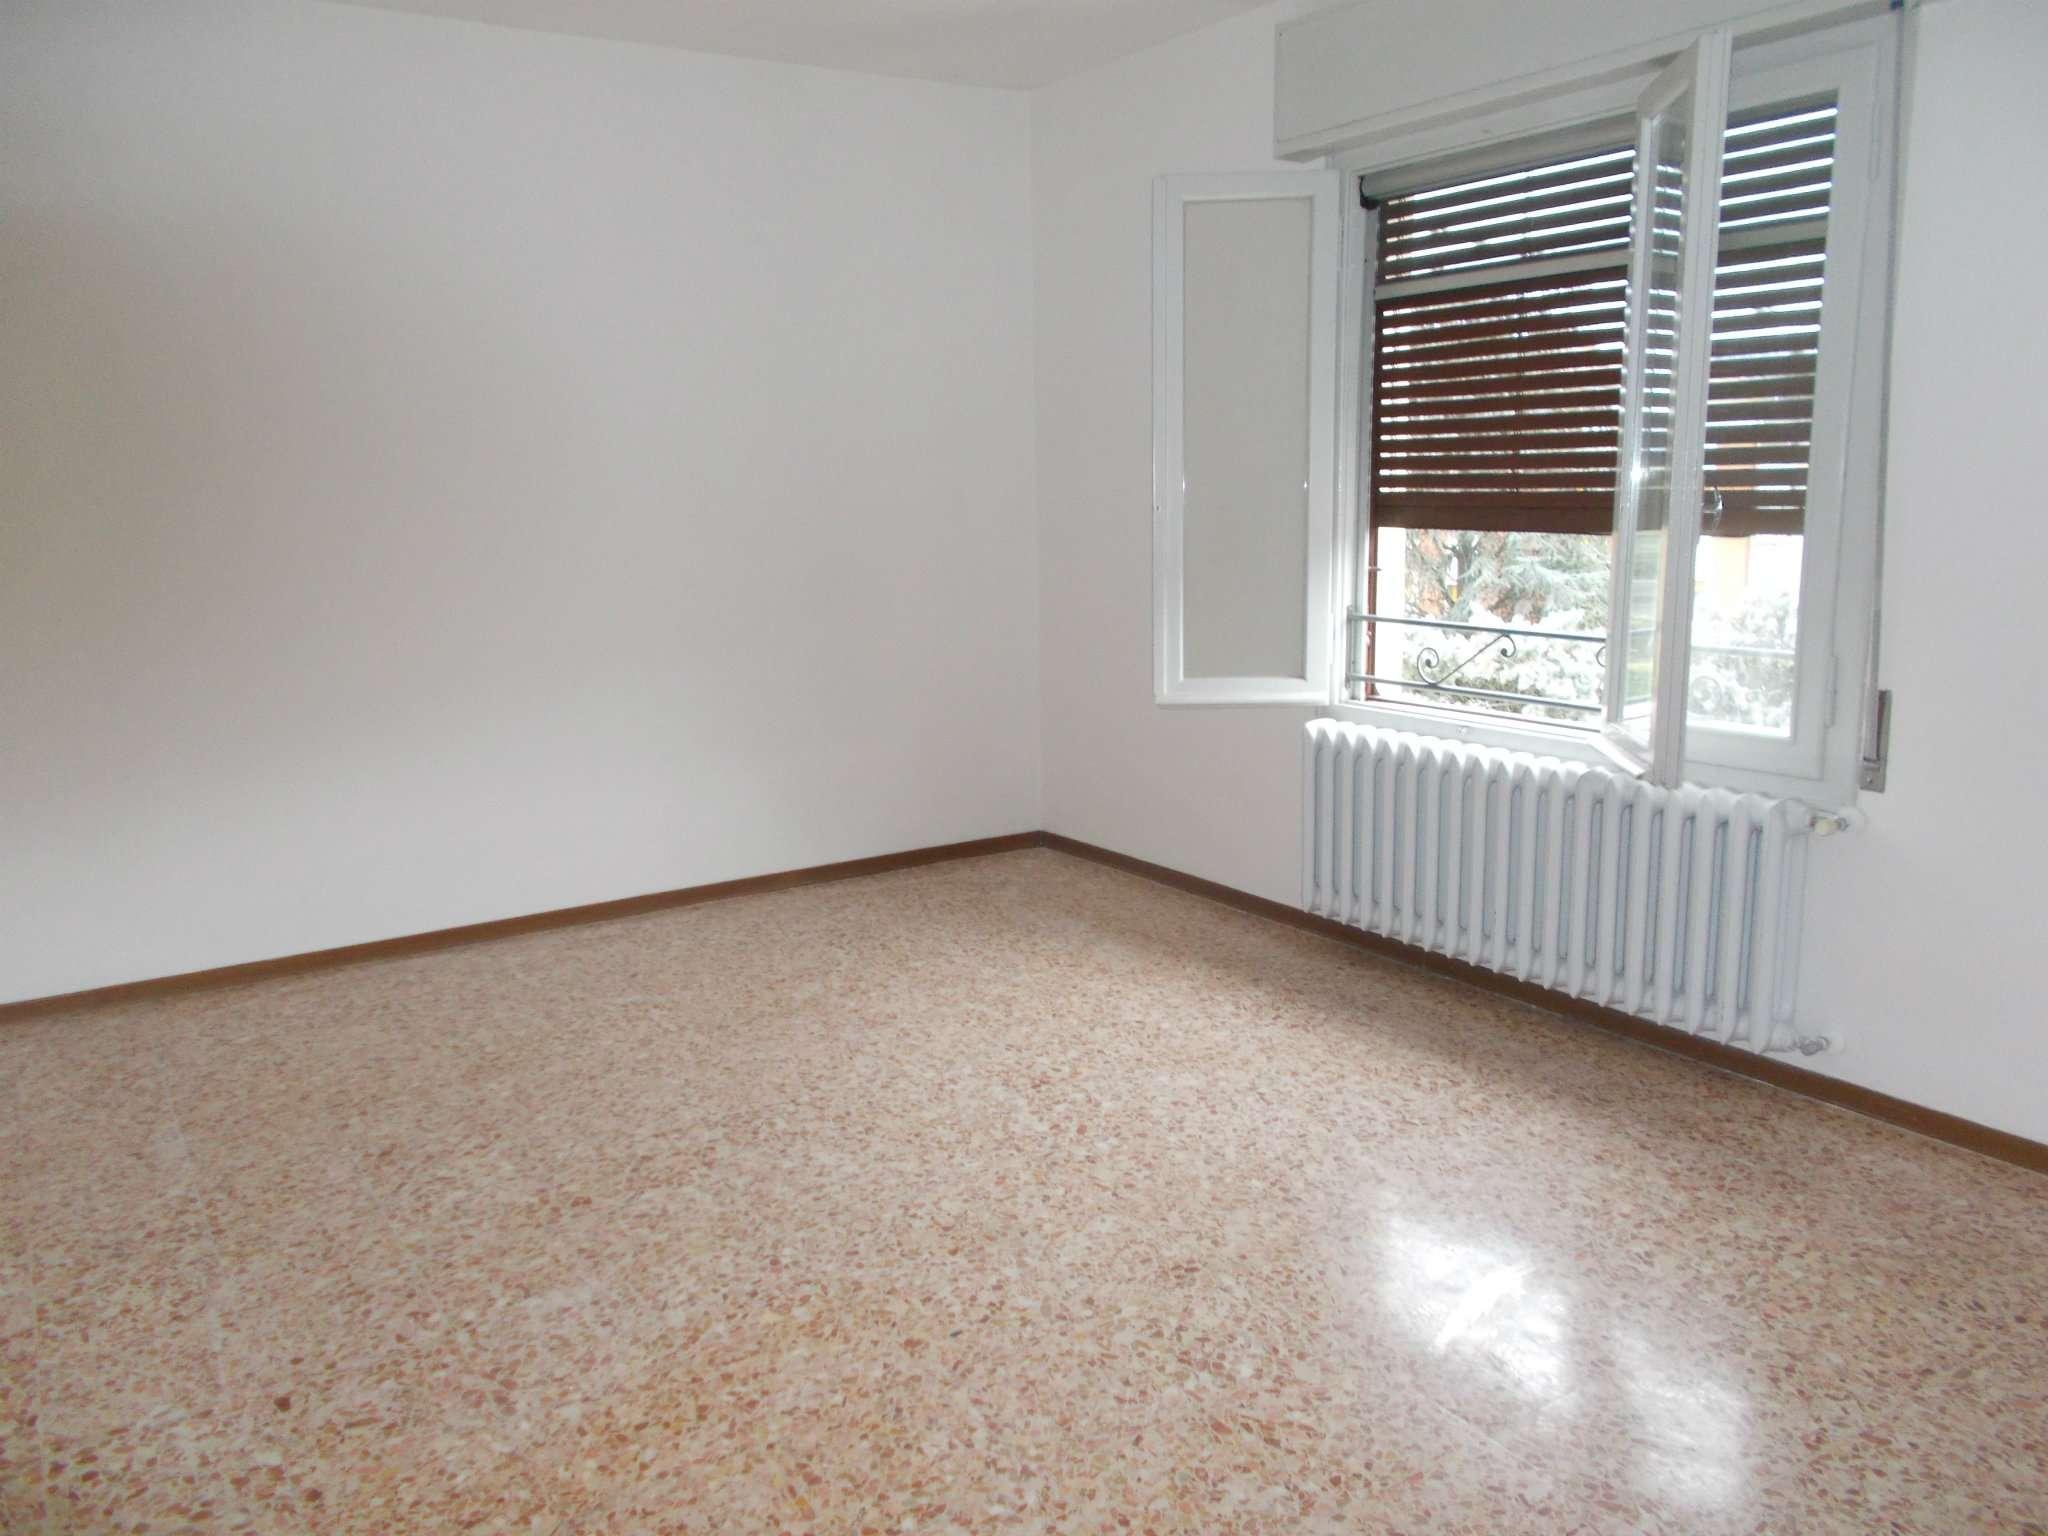 Appartamento in affitto a Quattro Castella, 4 locali, prezzo € 500 | CambioCasa.it